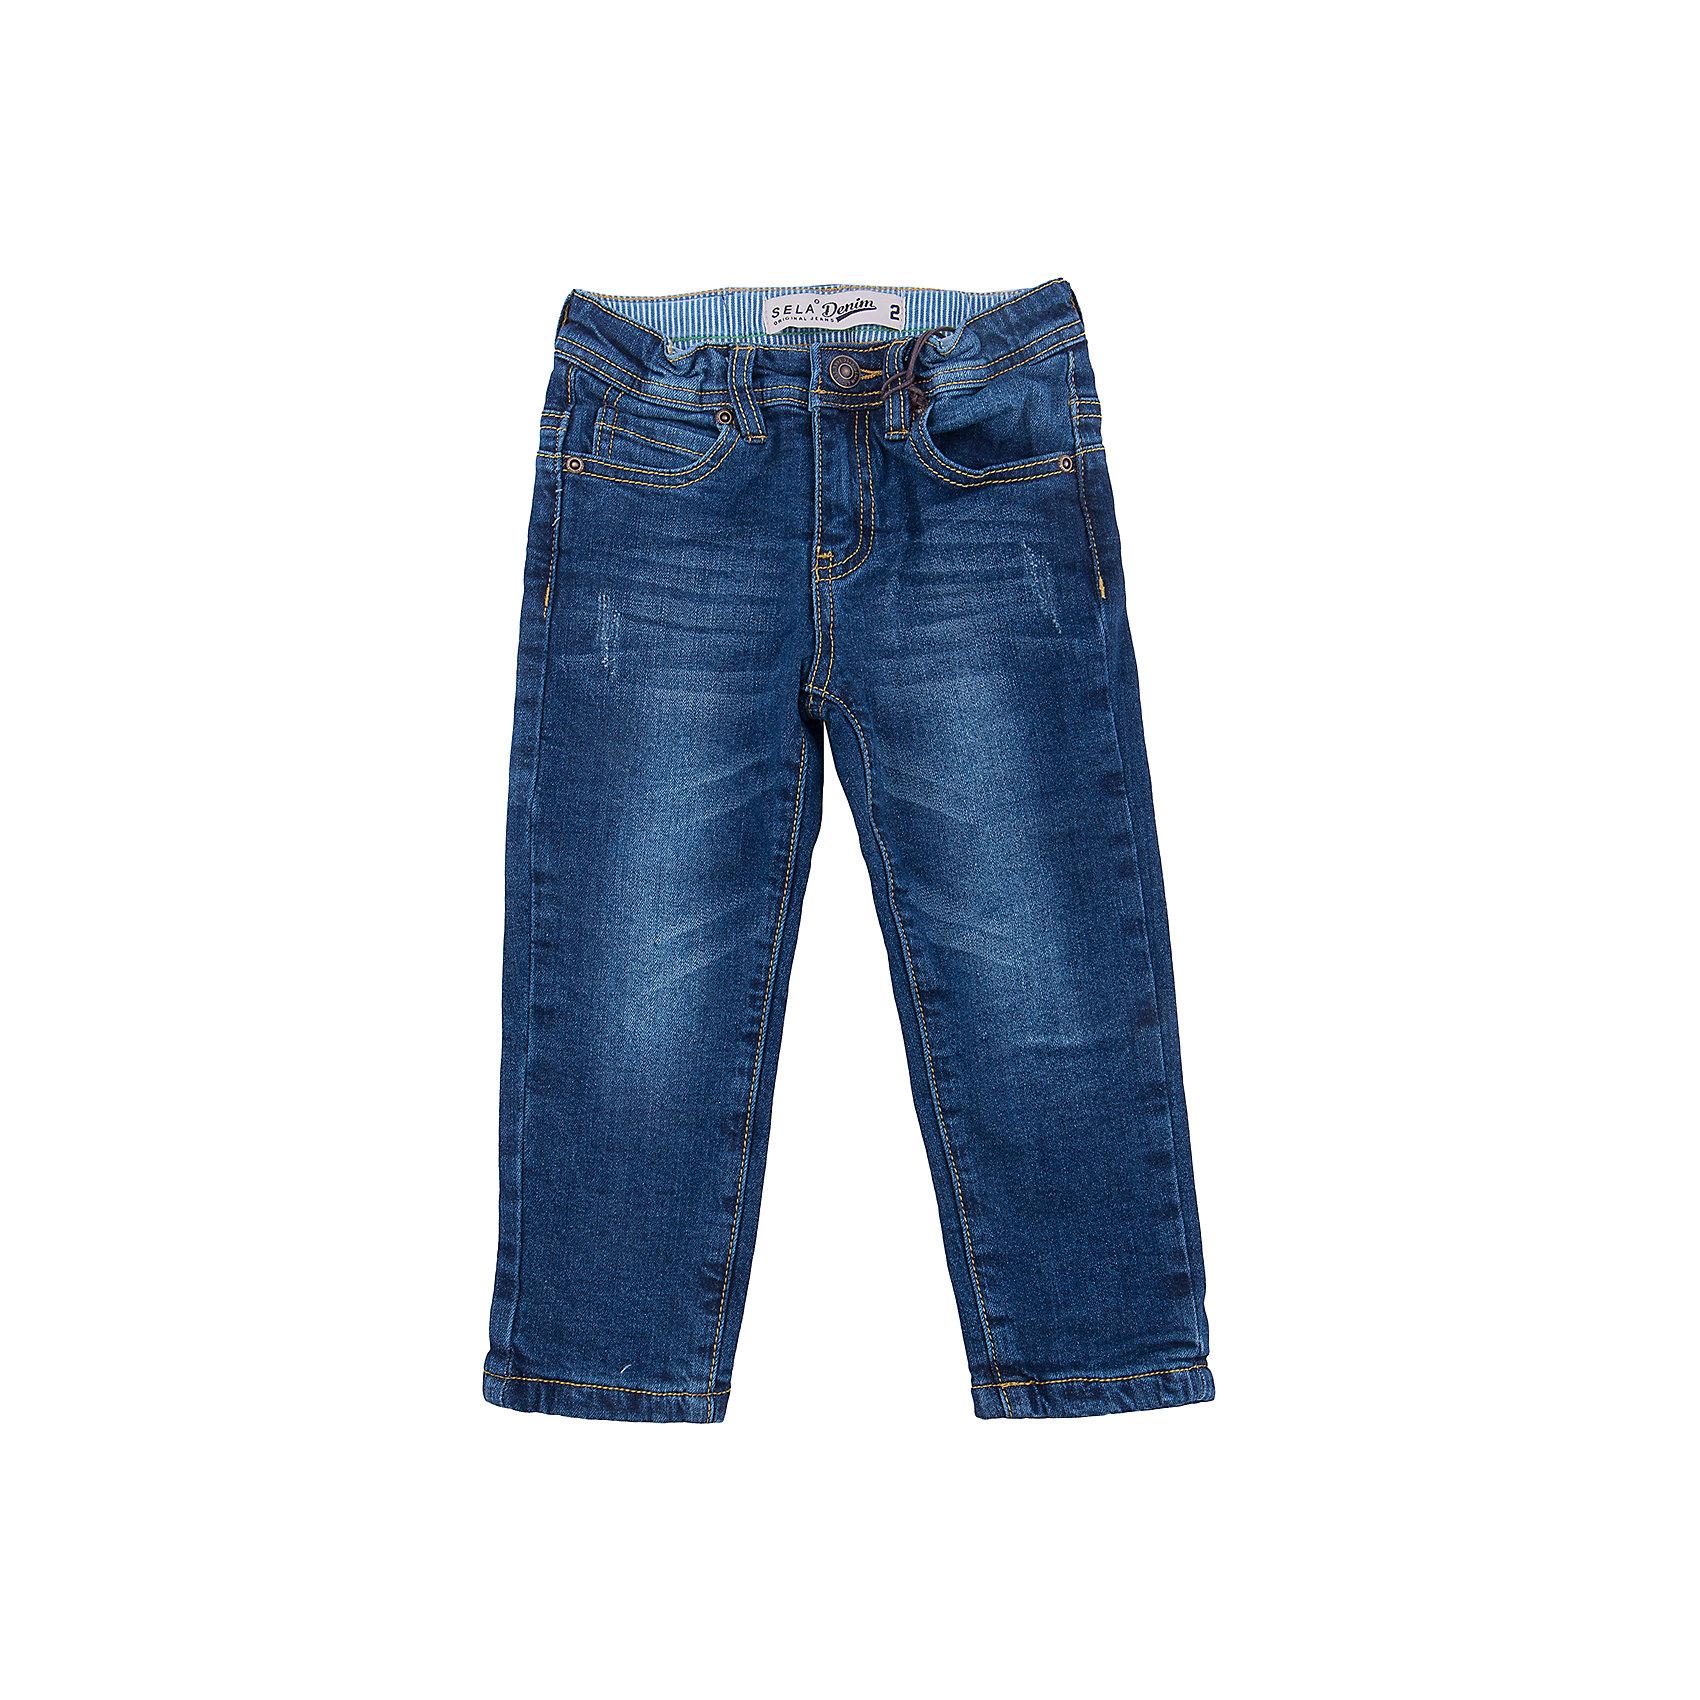 Джинсы для мальчика SELAДжинсы<br>Джинсы для мальчика от известного бренда SELA<br>Состав:<br>98% хлопок, 2% эластан<br><br>Ширина мм: 215<br>Глубина мм: 88<br>Высота мм: 191<br>Вес г: 336<br>Цвет: синий джинс<br>Возраст от месяцев: 60<br>Возраст до месяцев: 72<br>Пол: Мужской<br>Возраст: Детский<br>Размер: 116,92,98,104,110<br>SKU: 5302154